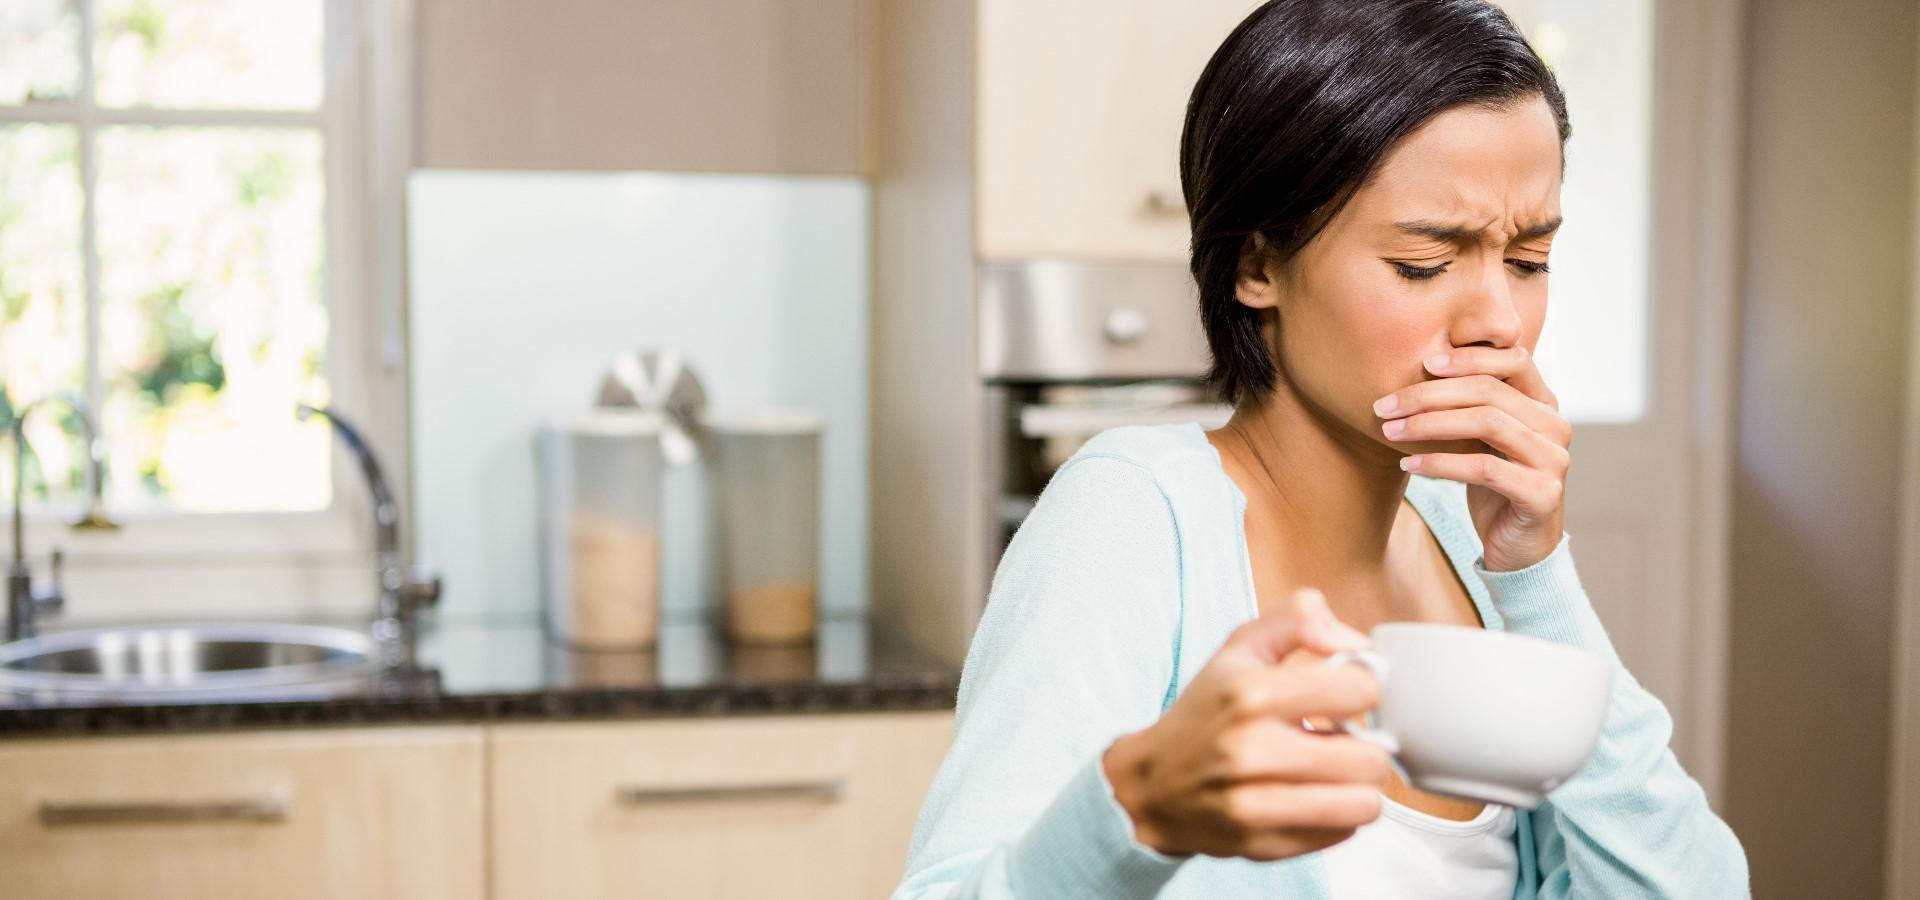 Eine Überempfindlichkeit der Zähne ist direkt nach der Anwendung normal, sollte allerdings zeitnah auch wieder verschwinden.